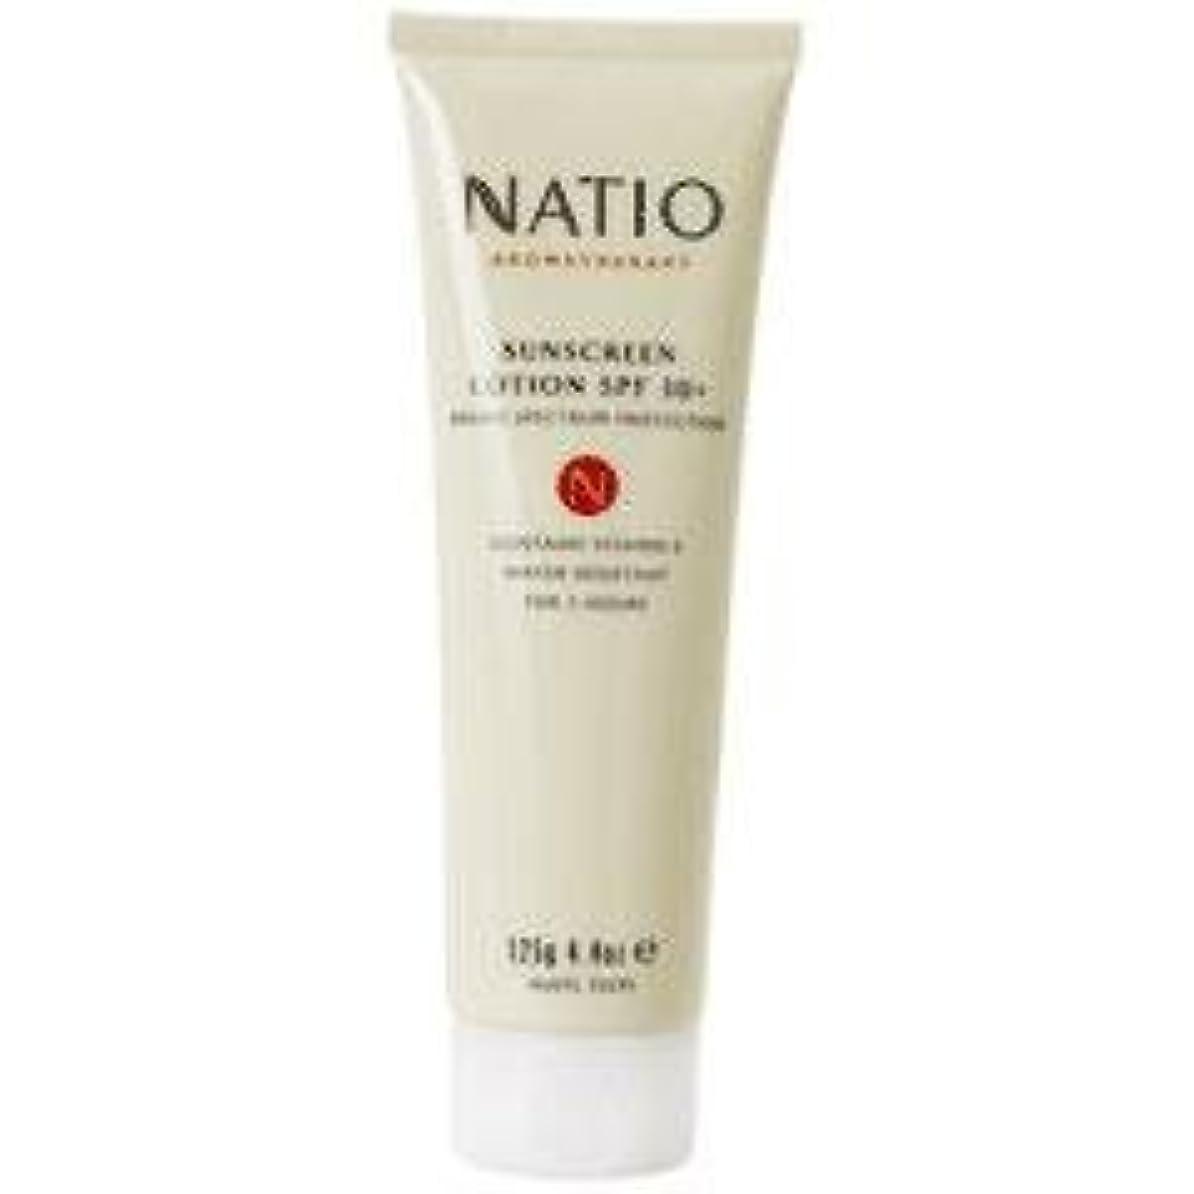 インストラクターまた明日ね邪悪な【NATIO Aromatherapy Sunscreen Lotion SPF30+】 ナティオ  日焼け止めクリーム SPF30+ [海外直送品]